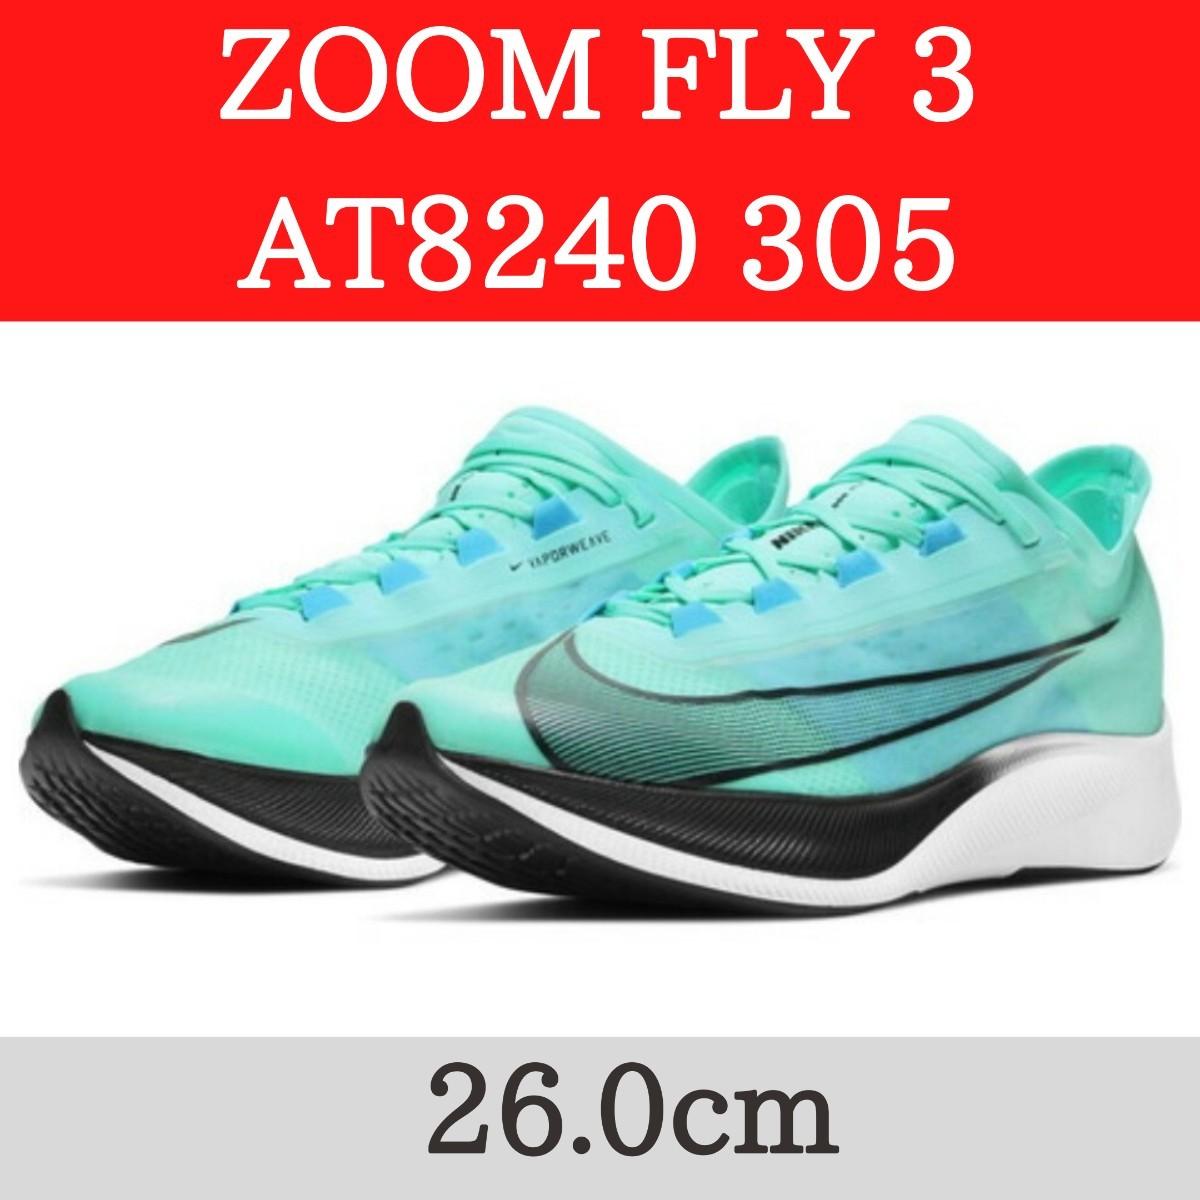 ナイキ ズーム フライ 3 ZOOM FLY 3 AT8240 305  ホワイト×ブルー 26.0cm NIKE